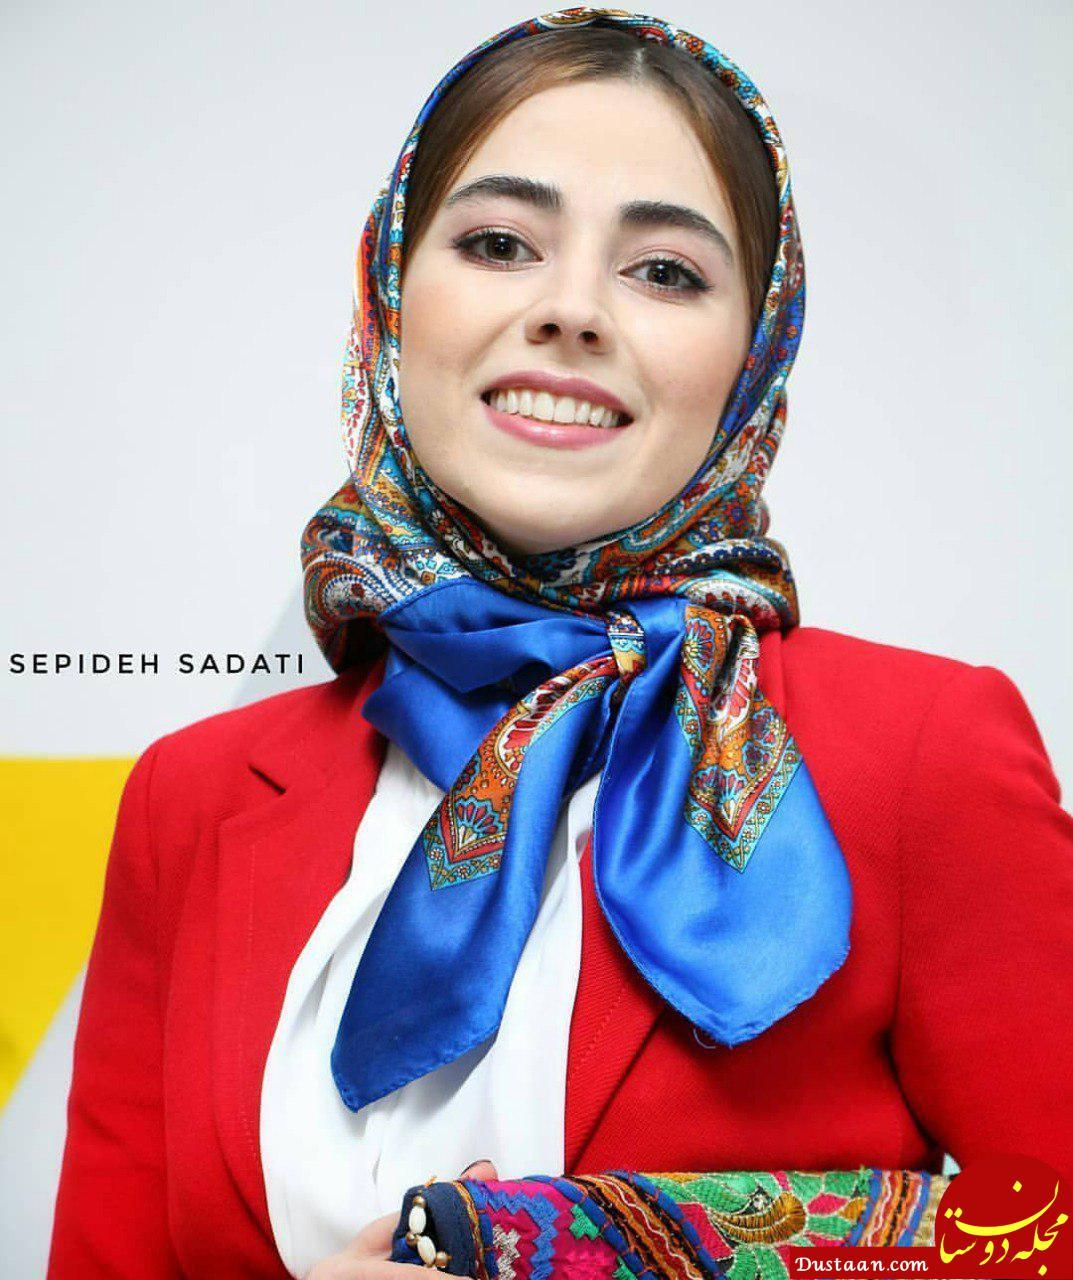 ظاهر متفاوت بازیگر نقش الیزابت (داعشی) در سریال پایتخت 5 +تصاویر